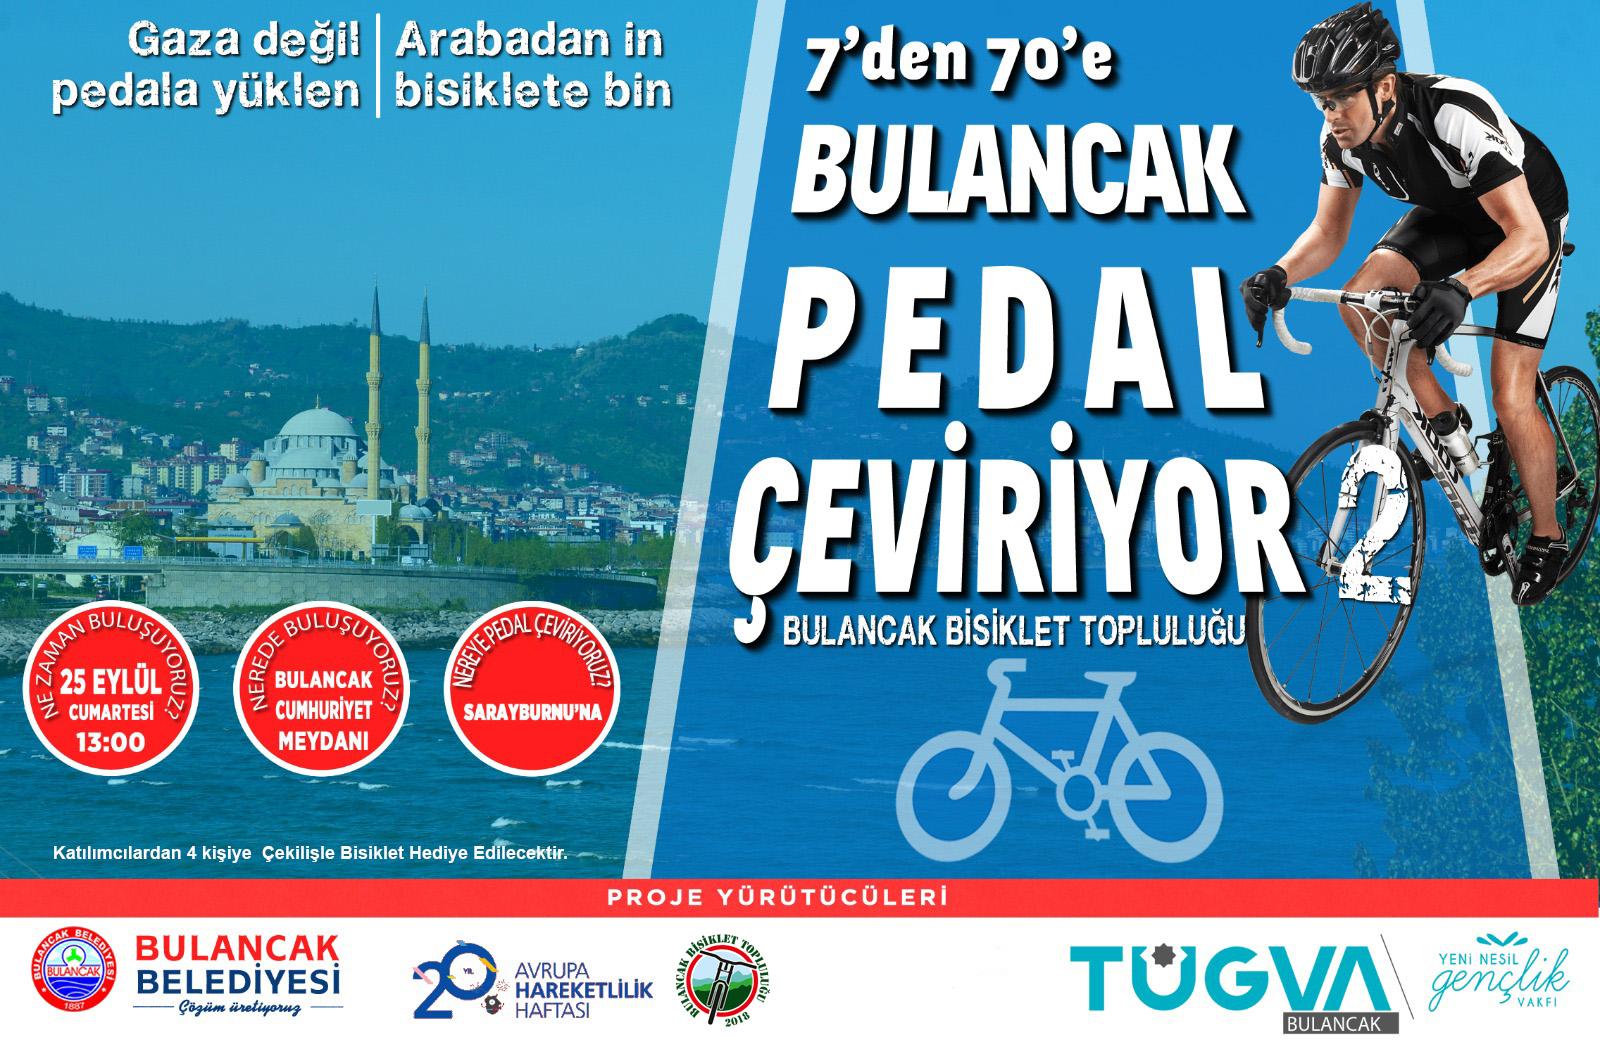 Bulancak Belediyesi'nden ödüllü 7'den 70'e bisiklet